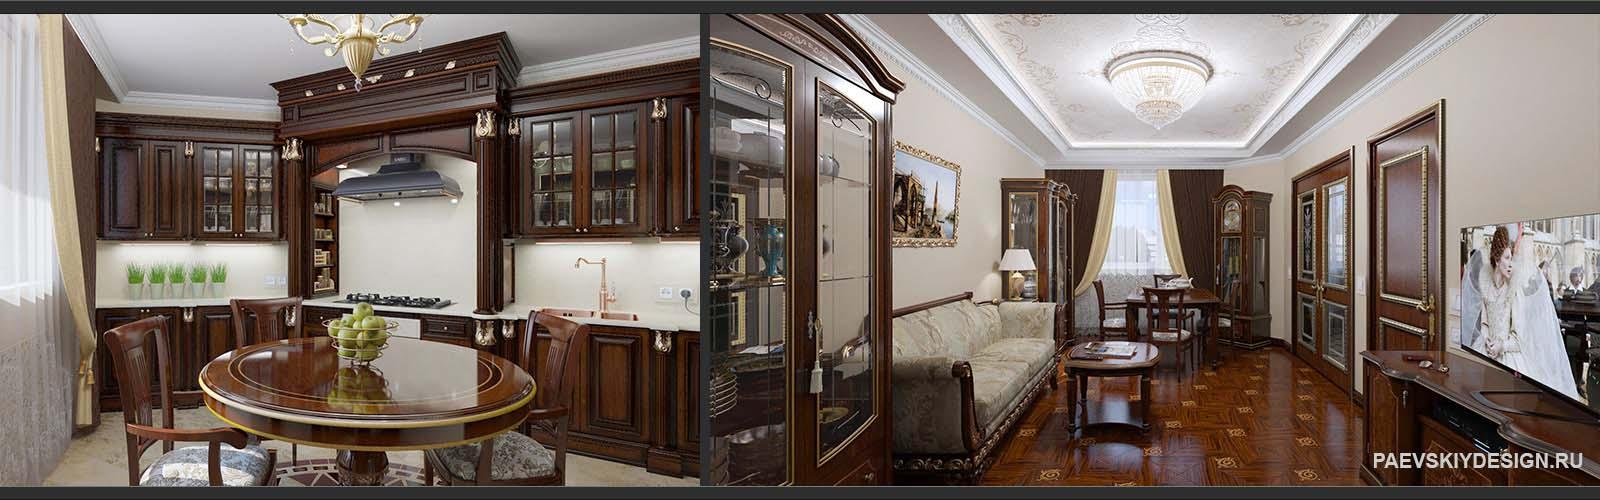 Дизайн проект квартиры Заказать разработку дизайн интерьера